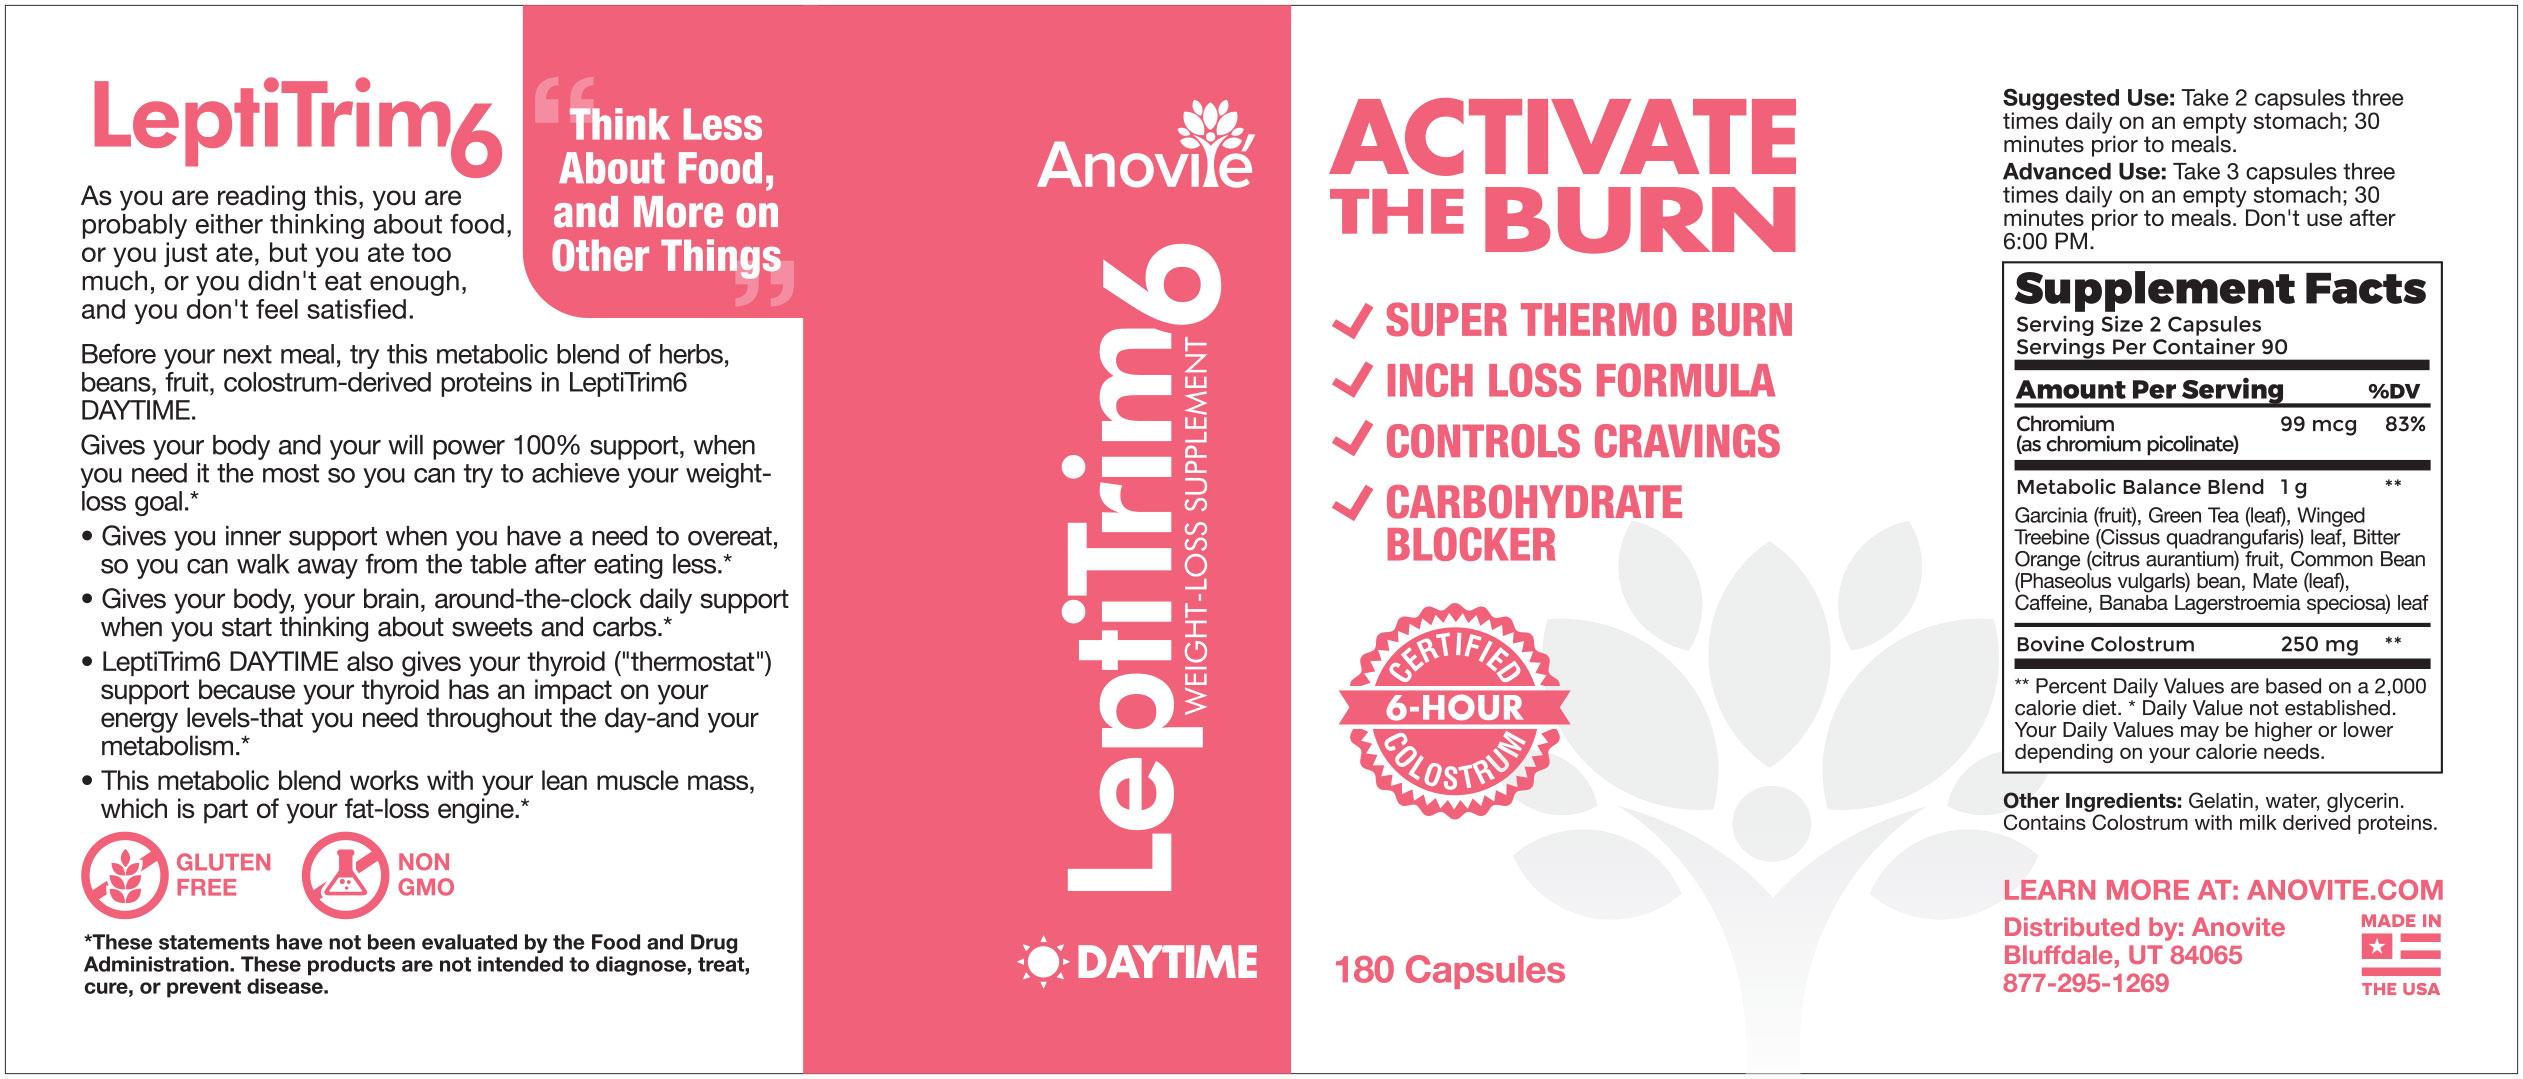 Anovite-LeptiTrim6-daytime